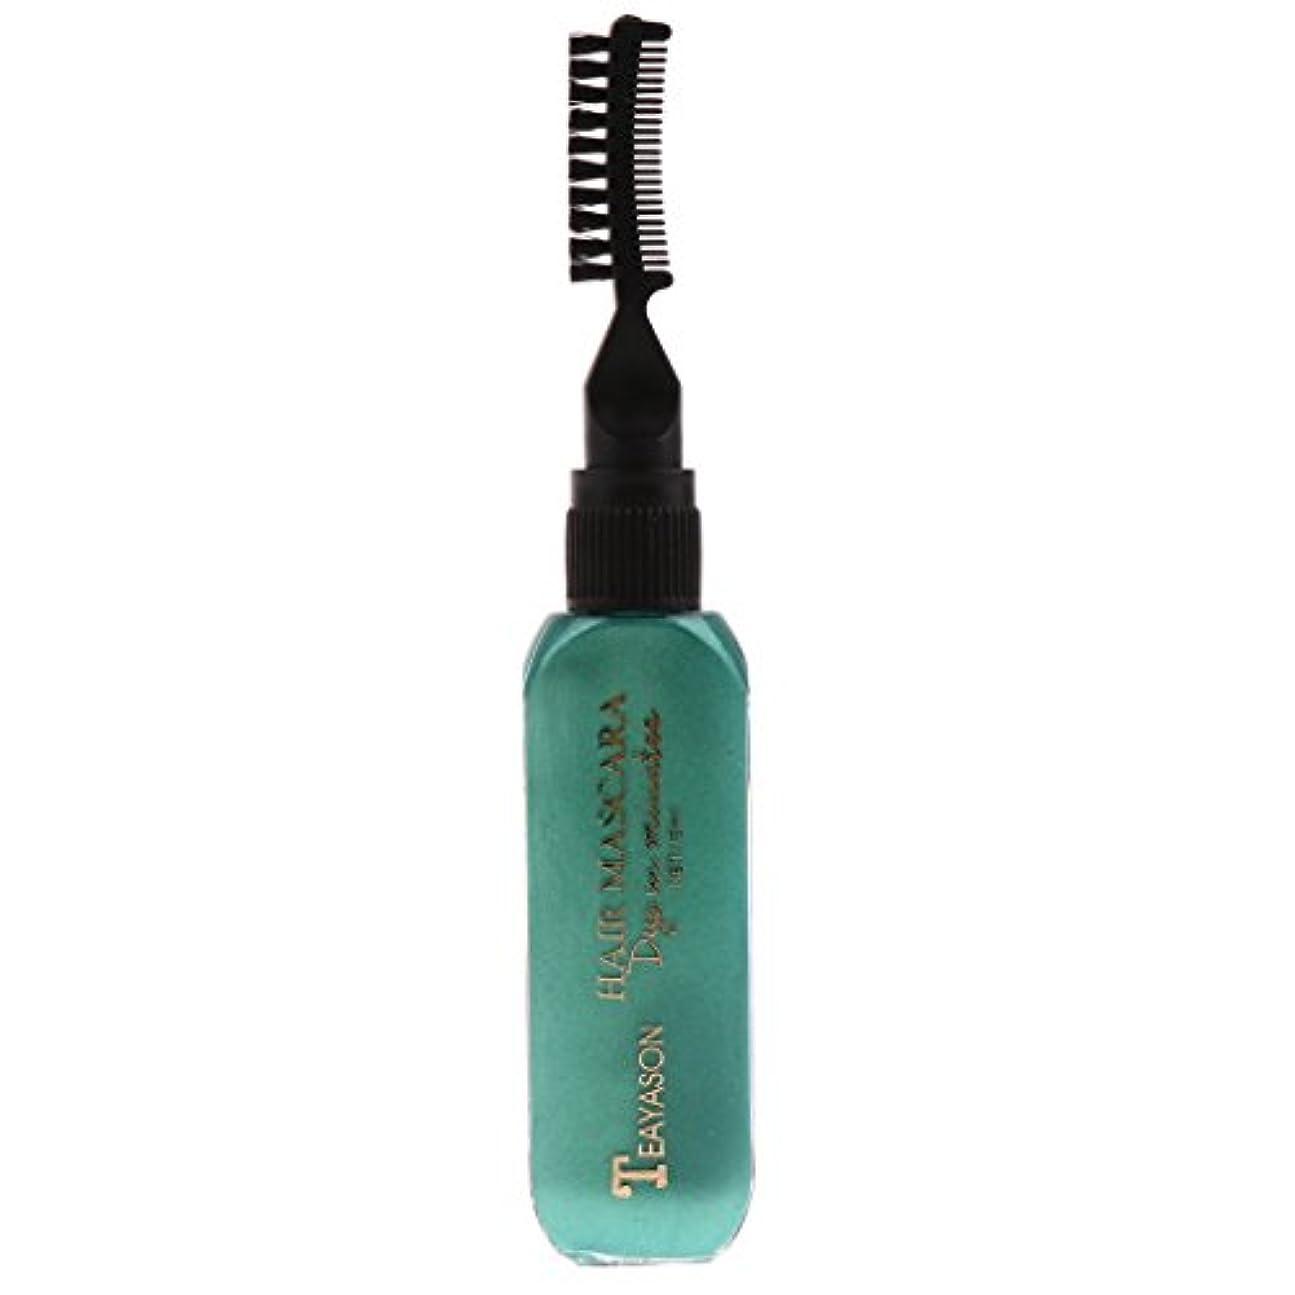 テンポ変数保守的Sharplace 使い捨て 髪の色チョーク 染料 濃淡 ハイライト マスカラ おしゃれ染め 13色選べ - 緑